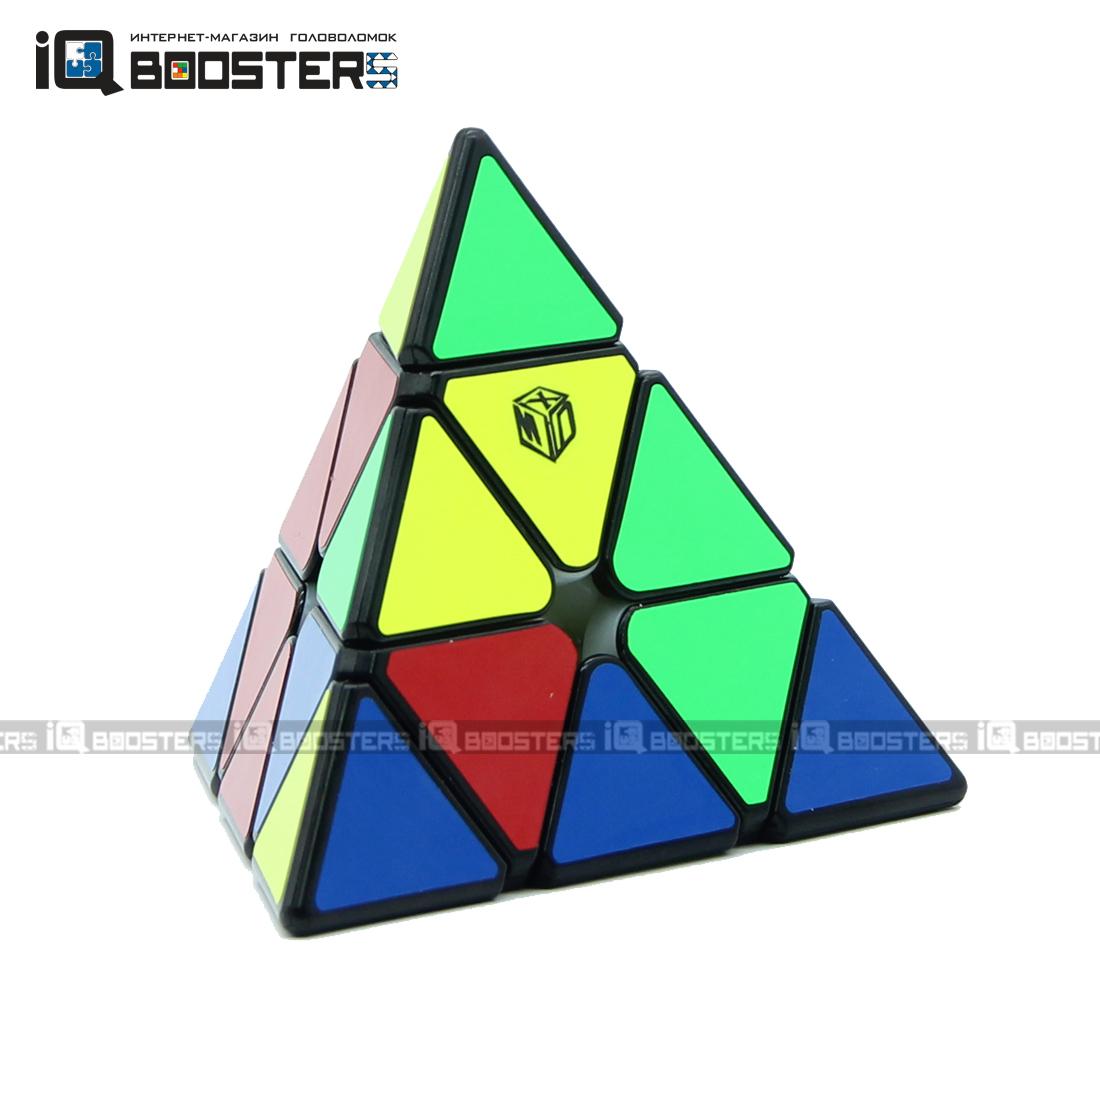 x-man_pyraminx_bell_v2_m_0311